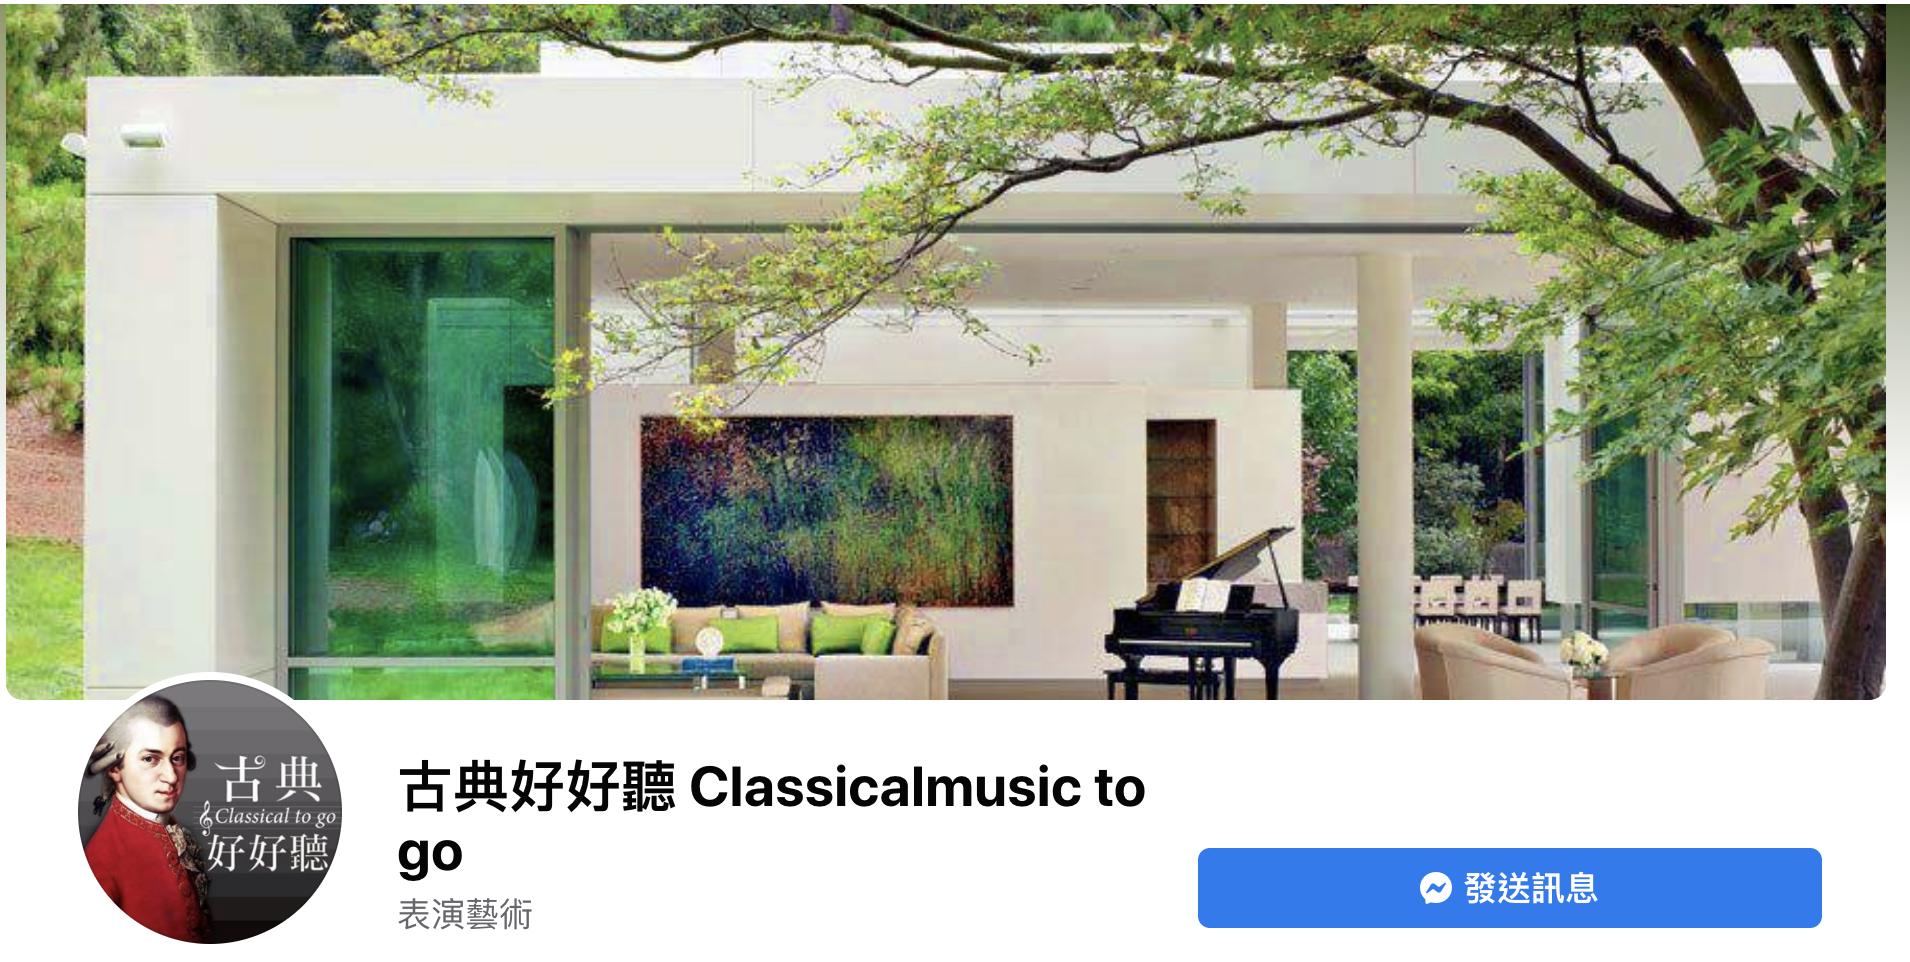 古典好好聽 classicalmusic to go